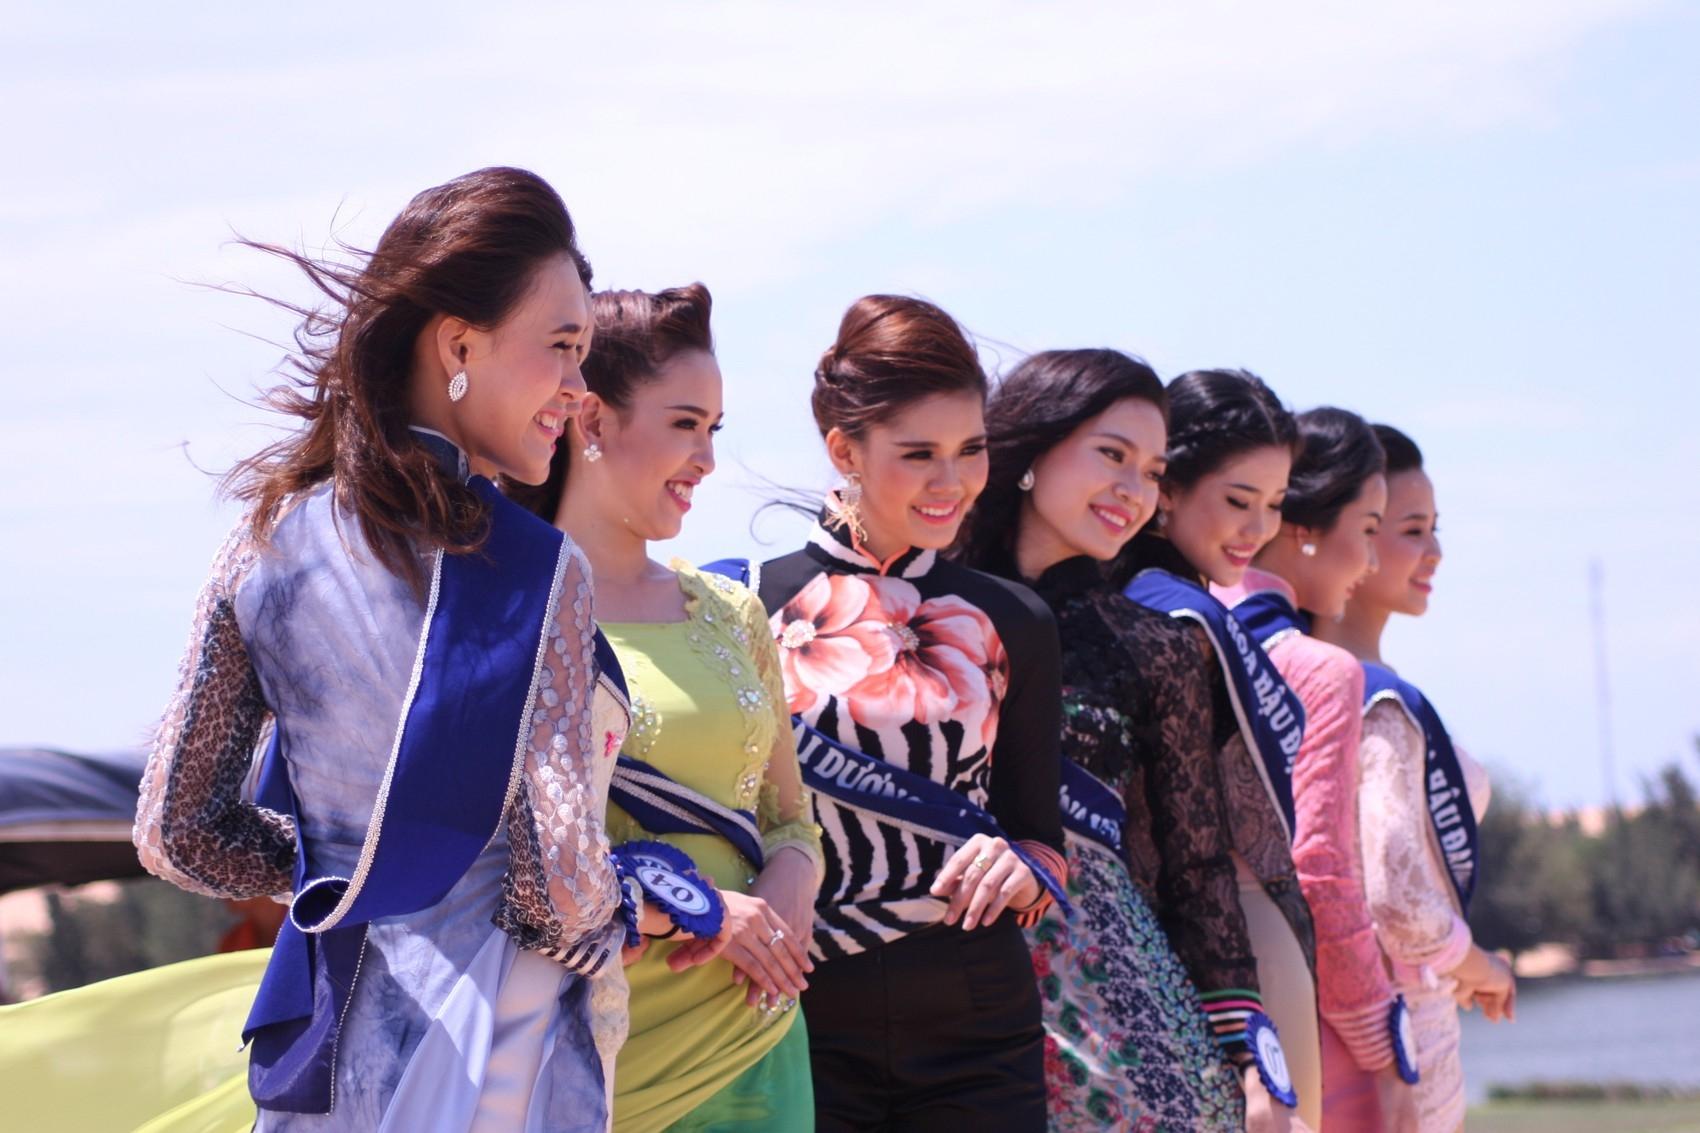 Phần Thi trang phục áo dài luôn là một phần không thể thiếu trong các cuộc thi hoa hậu tại Việt Nam.